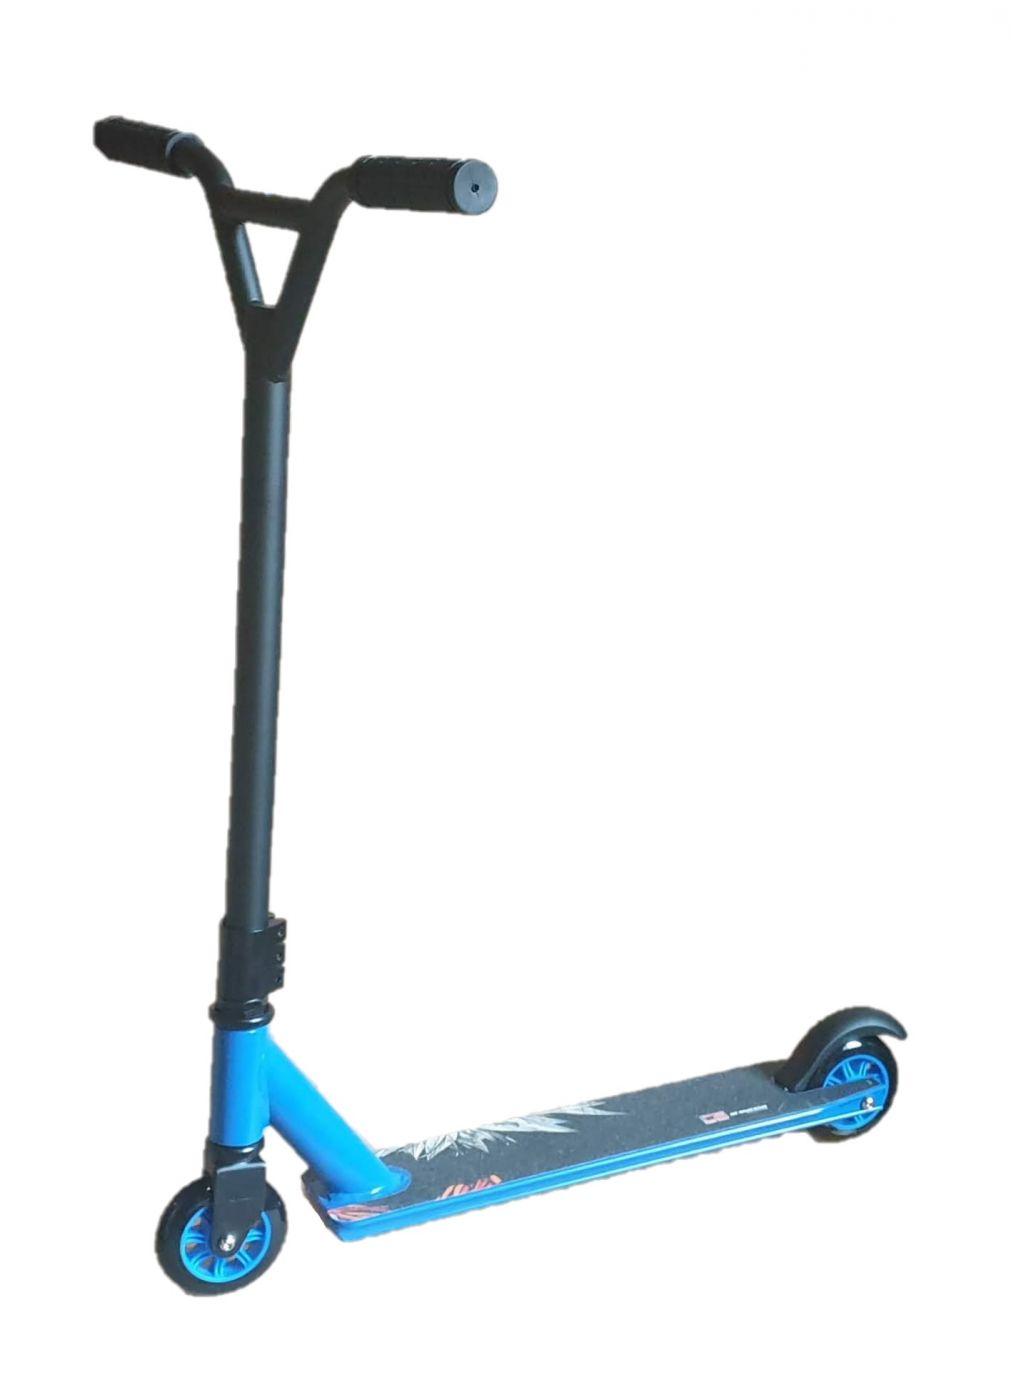 S00452 Самокат трюковой спортивный Stunt Scooter